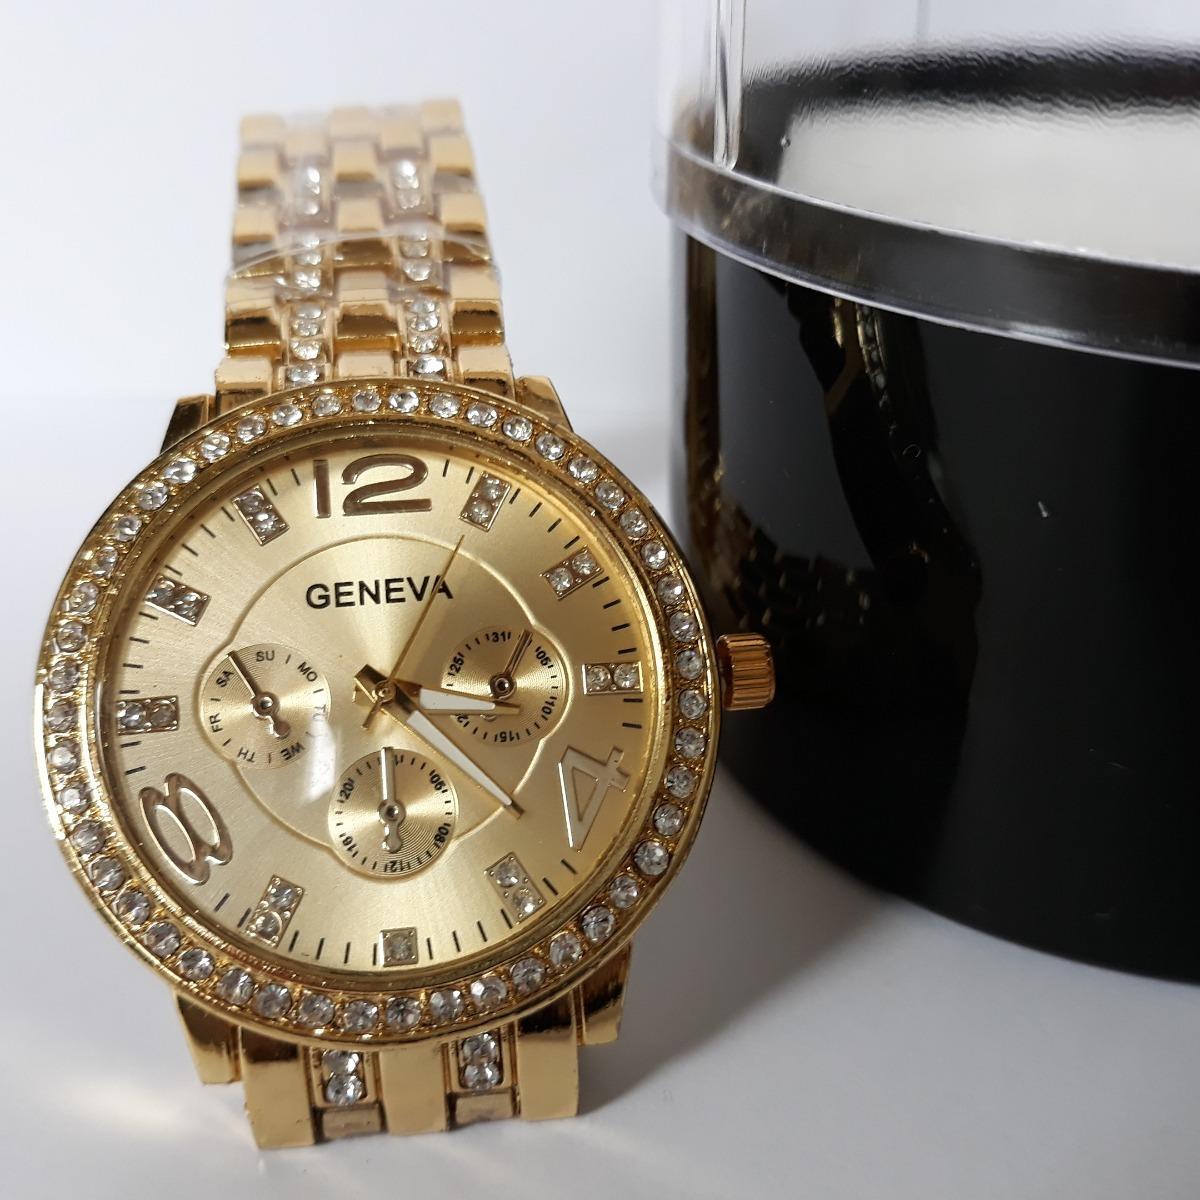 6bb16d0a9e4 relógio feminino geneva pulseira dourada com strass barato. Carregando zoom.